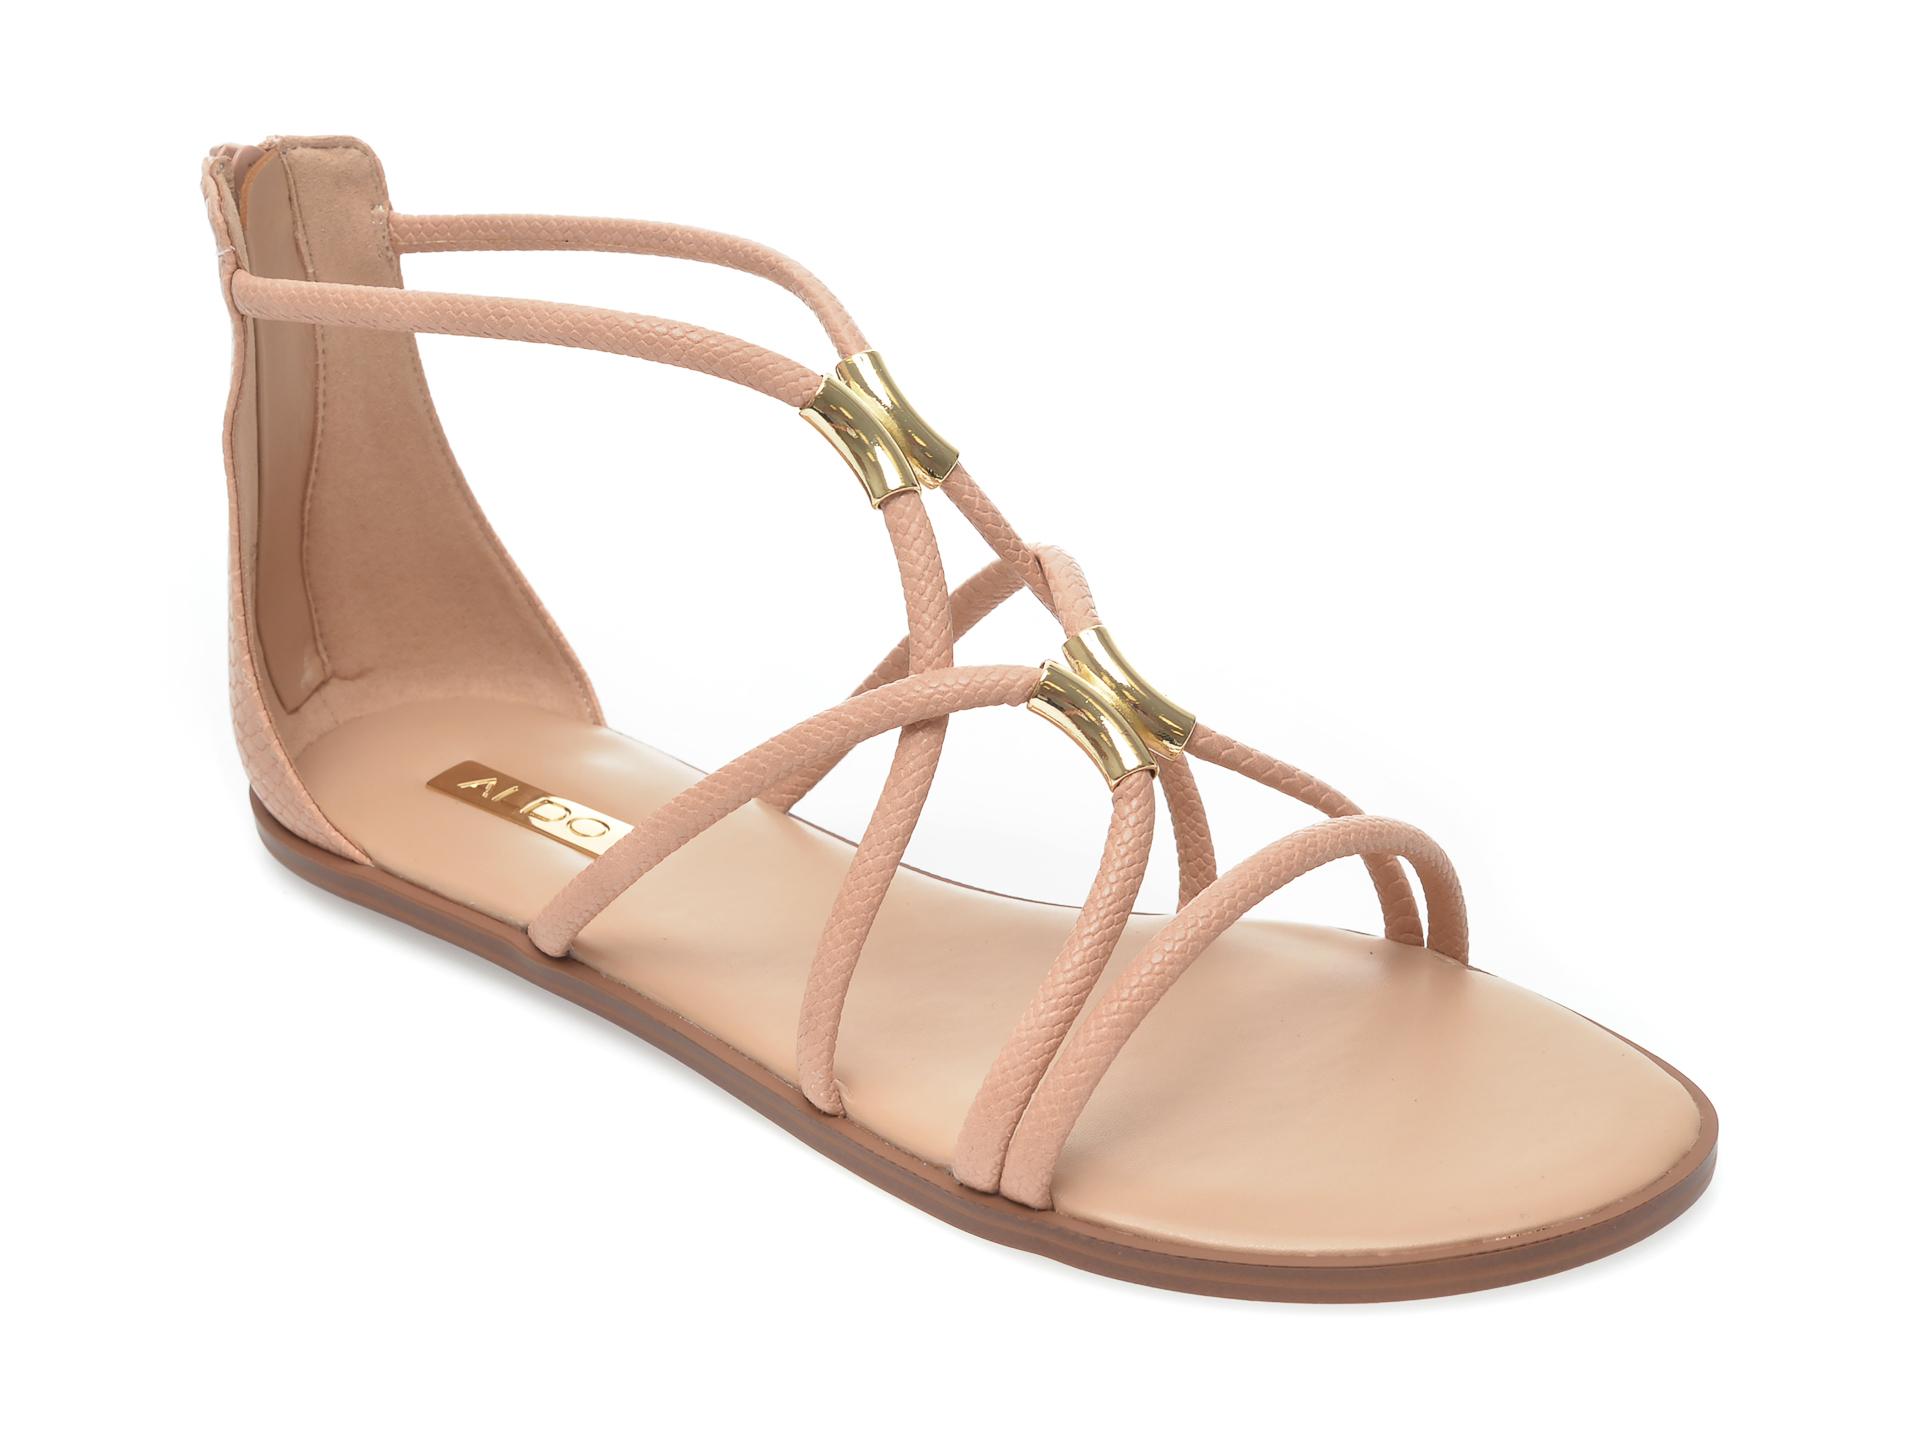 Sandale ALDO nude, Pozoa270, din piele ecologica imagine otter.ro 2021